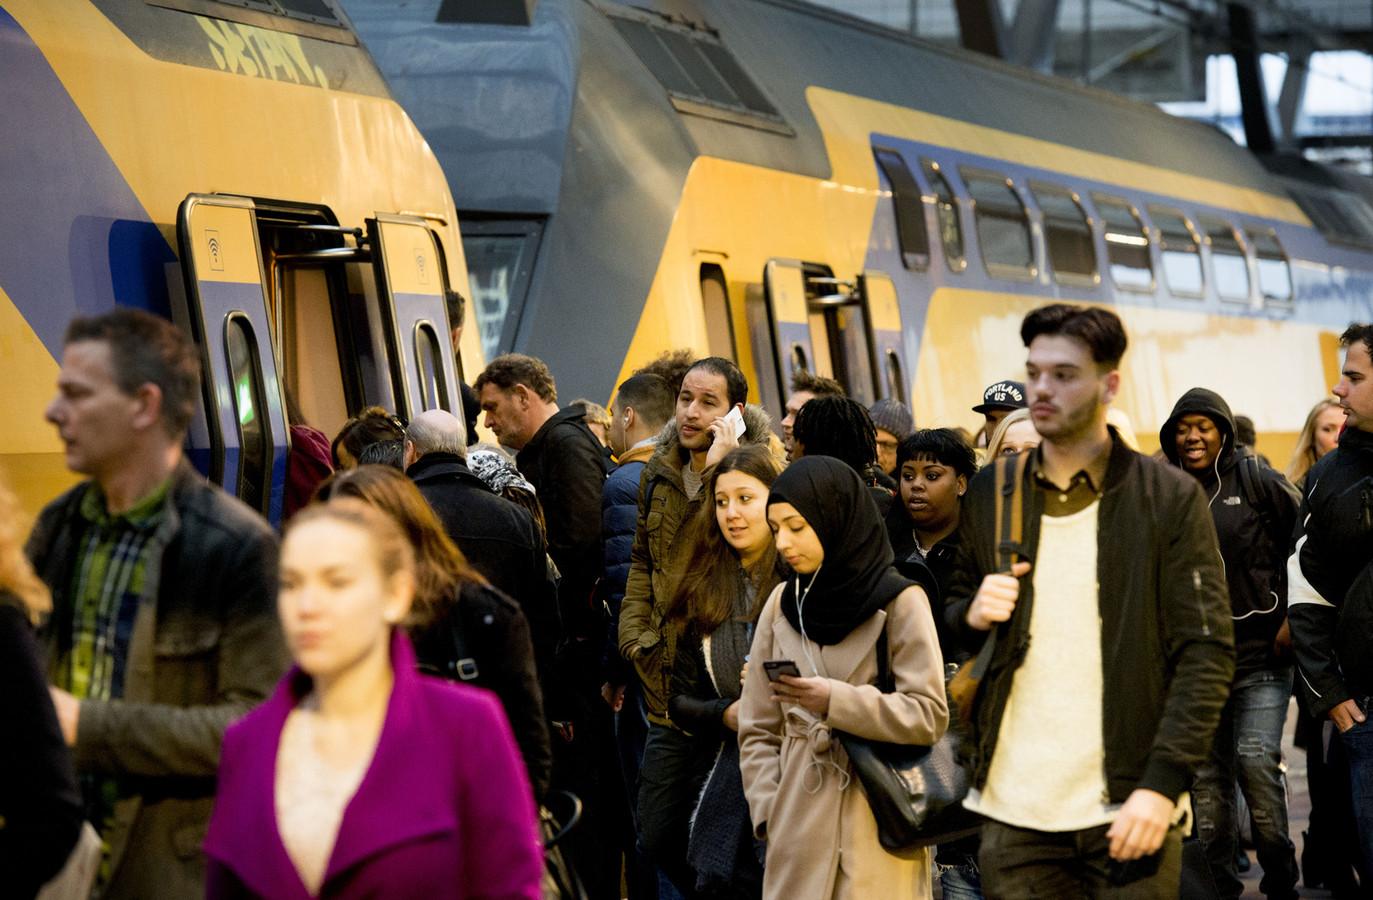 De spits op Rotterdam Centraal.